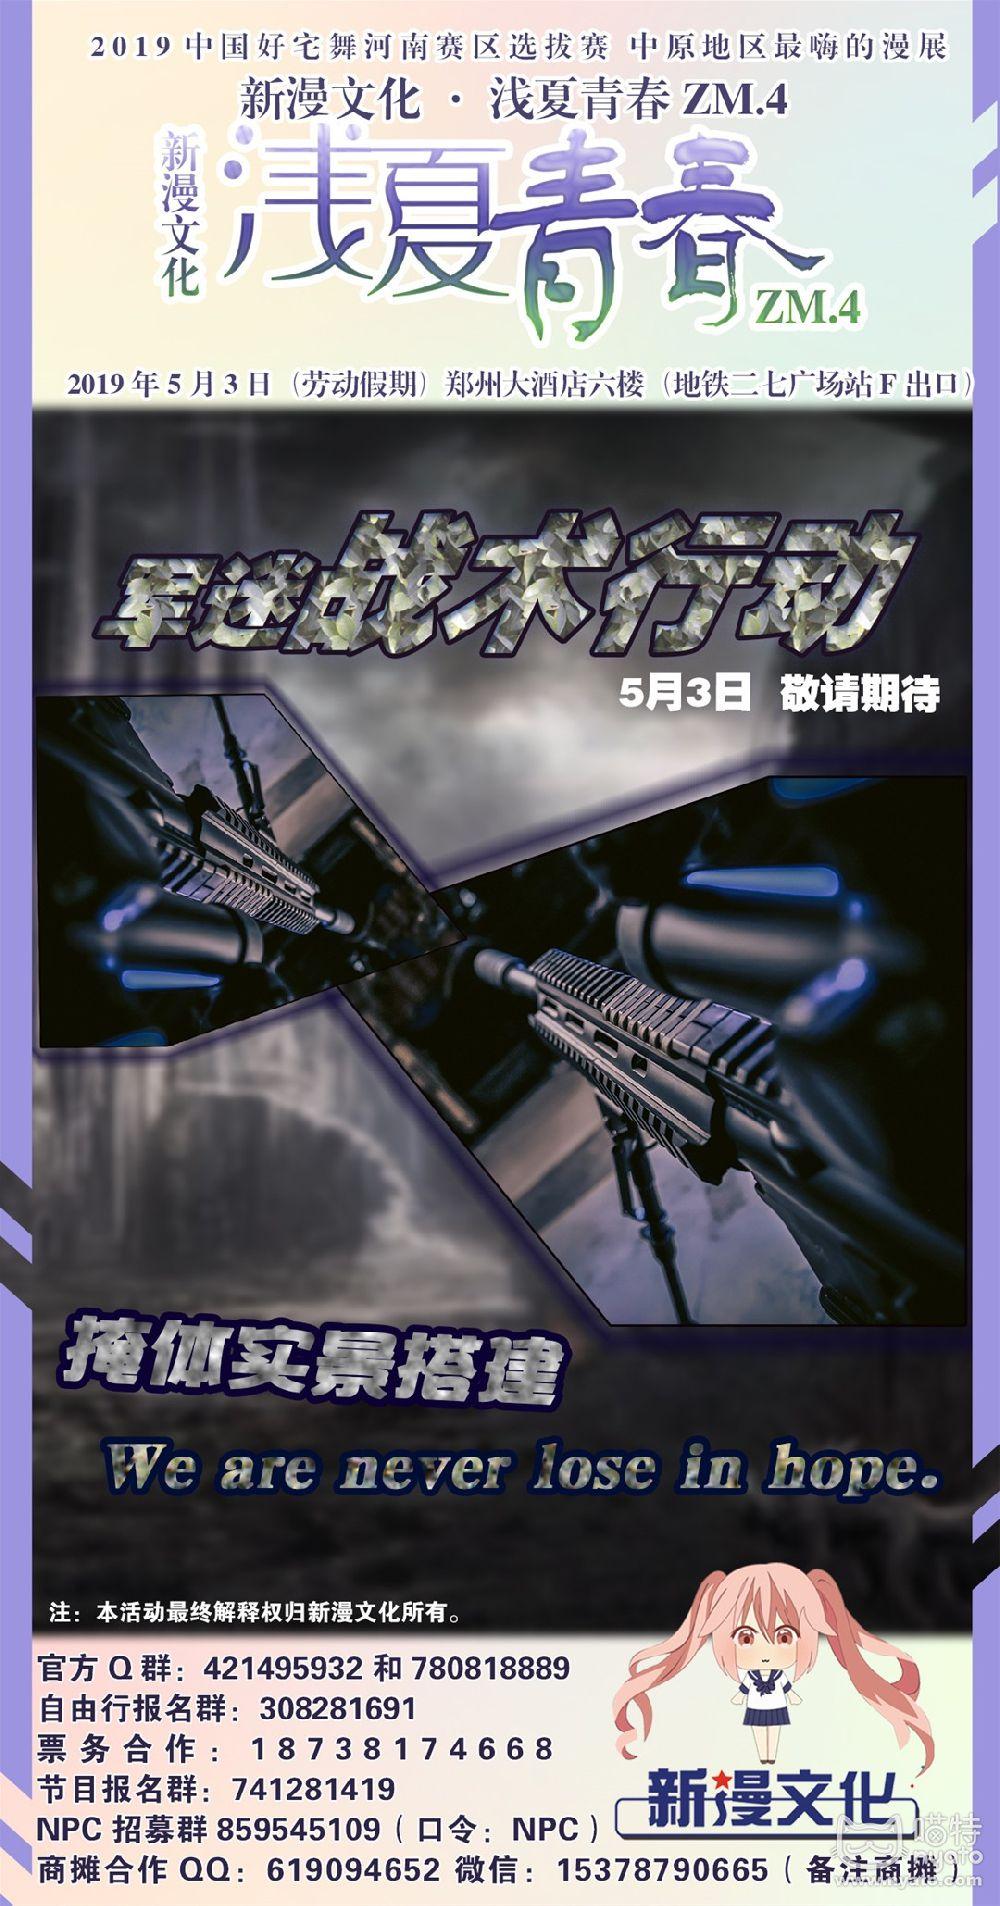 2019郑州新漫文化-浅夏青春ZM.4(时间+地点+门票)